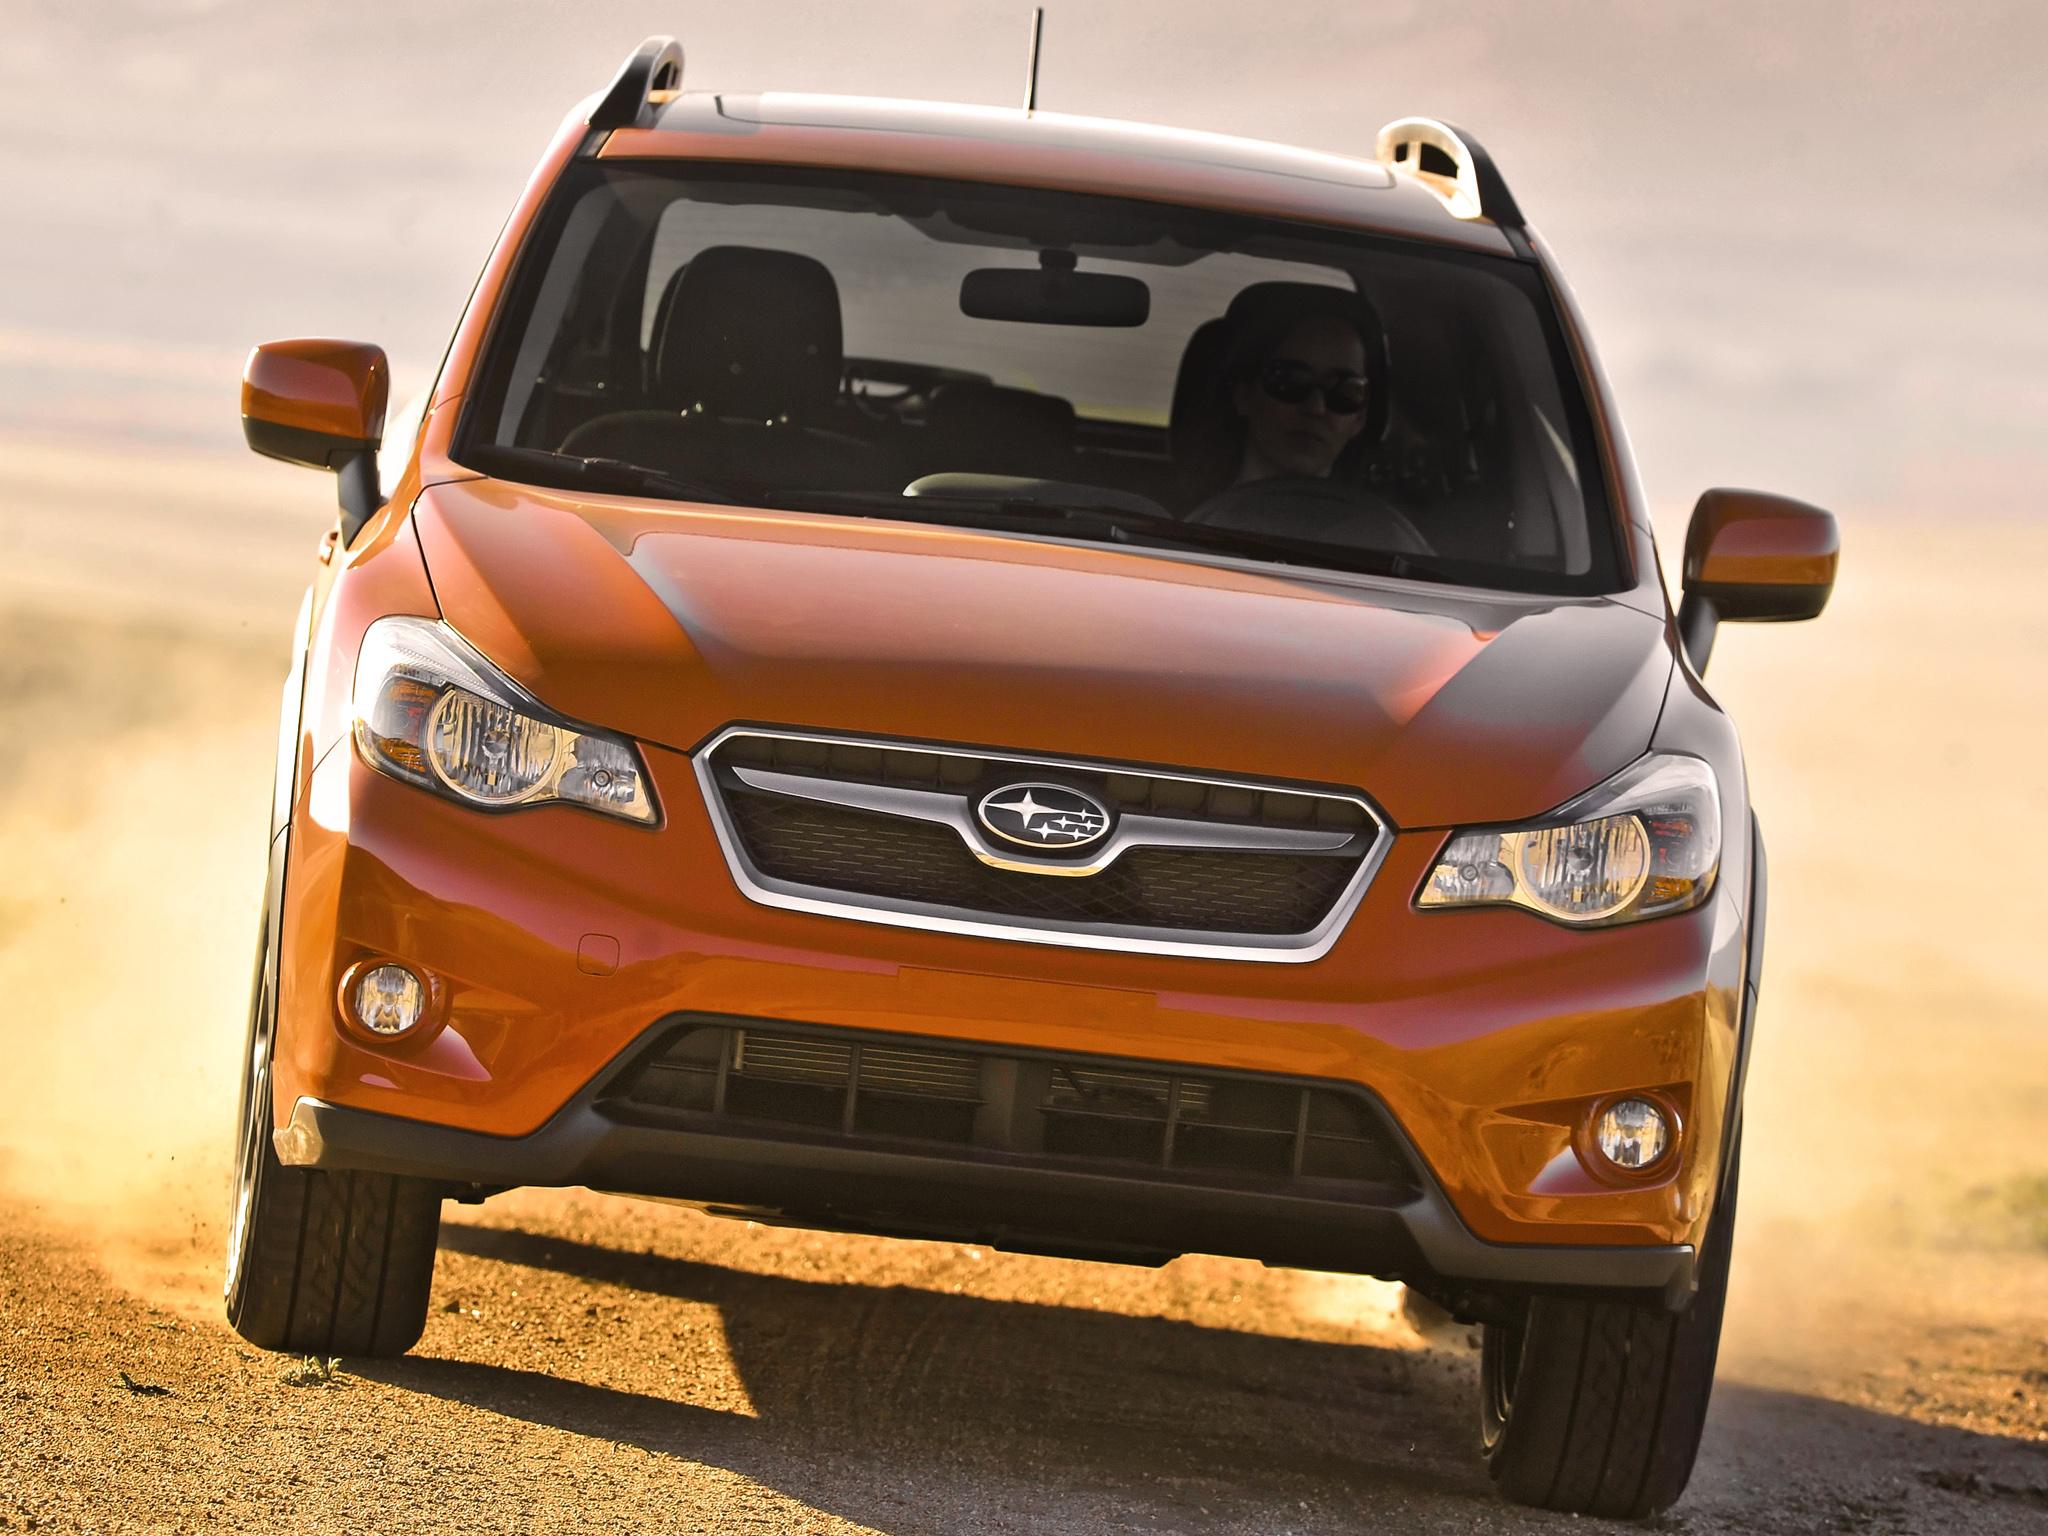 A Subaru convoca, nesta sexta-feira (23), recall dos modelos XV, Imprenza e Forester para recall das molas do motor. Problema afeta 280 unidades da marca.